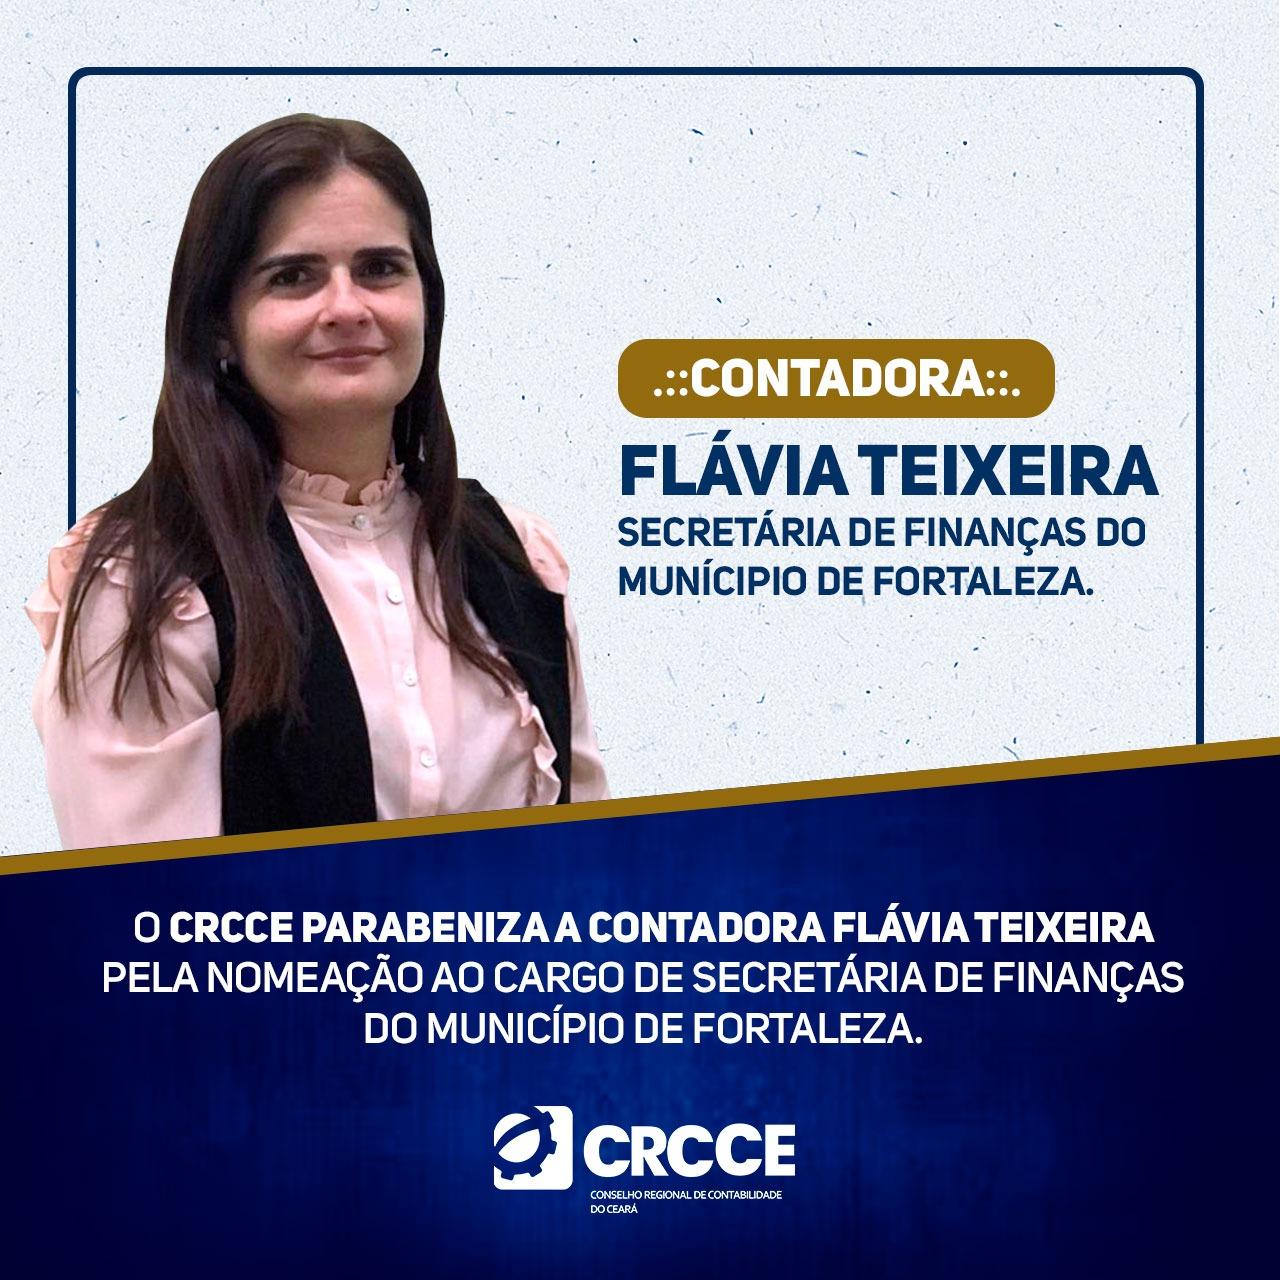 Parabéns, contadora Flávia Teixeira! – nomeada ao cargo de Secretária de Finanças do município de Fortaleza